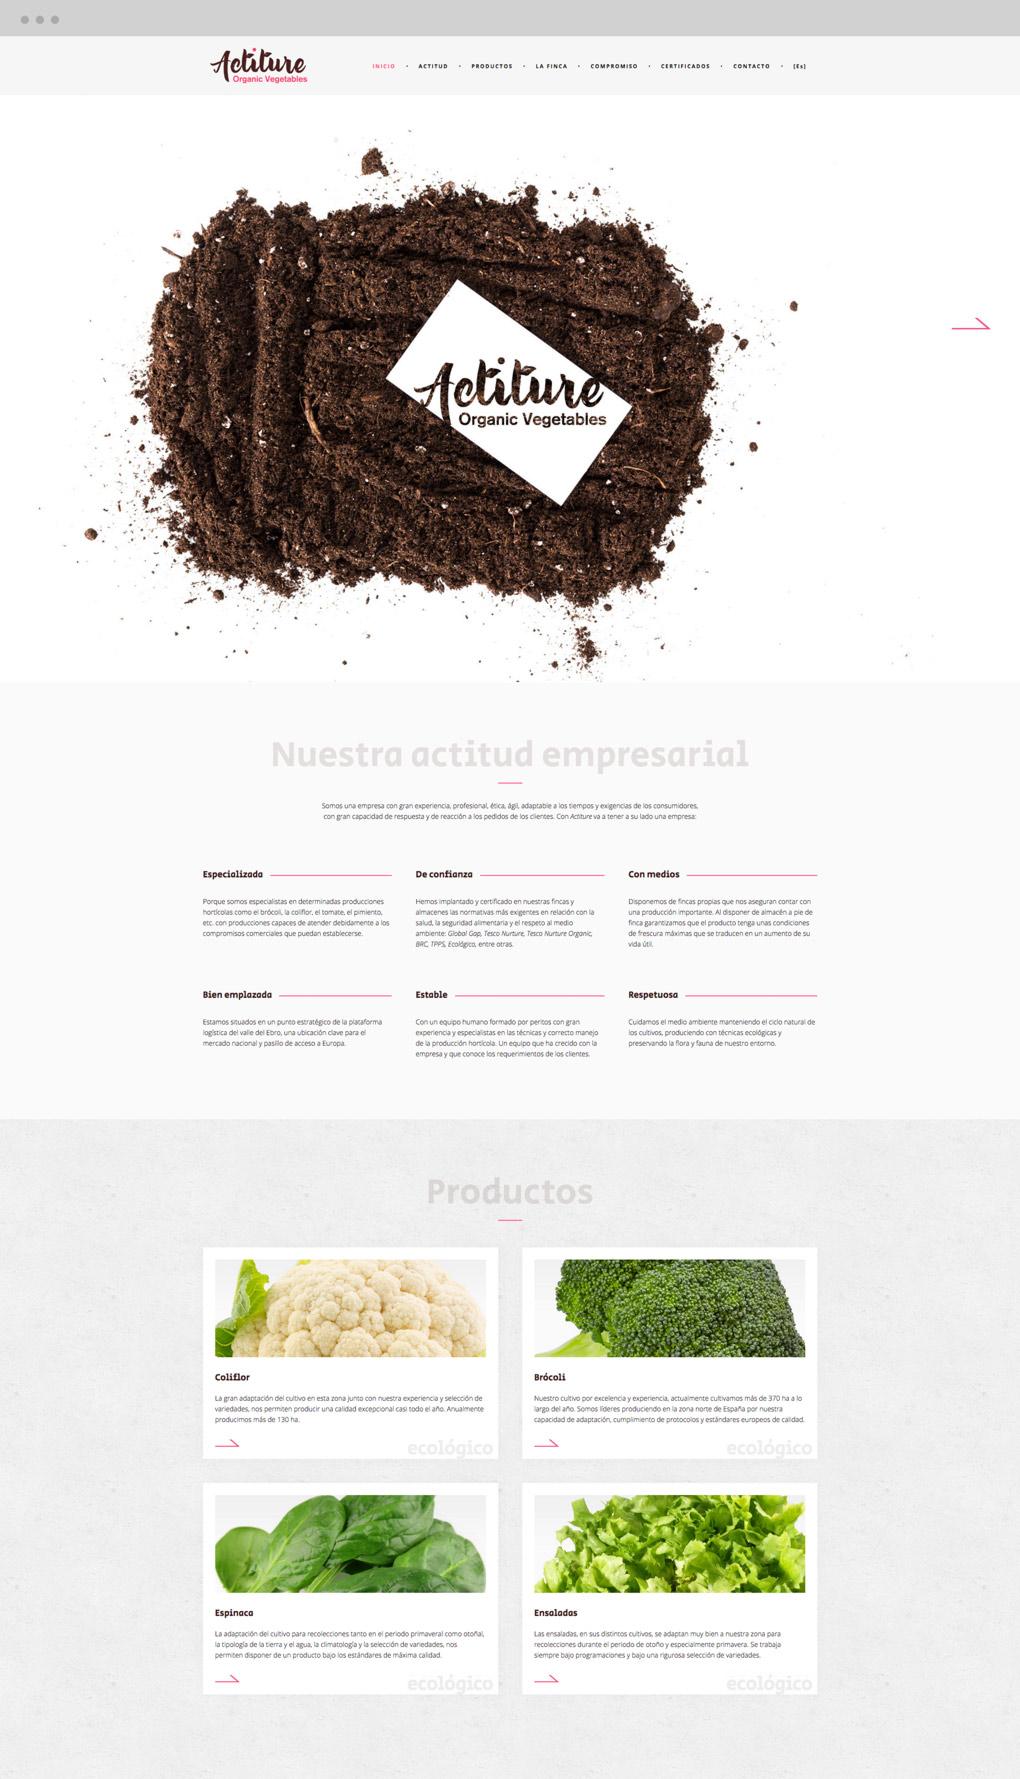 diseño de página web para Actiture